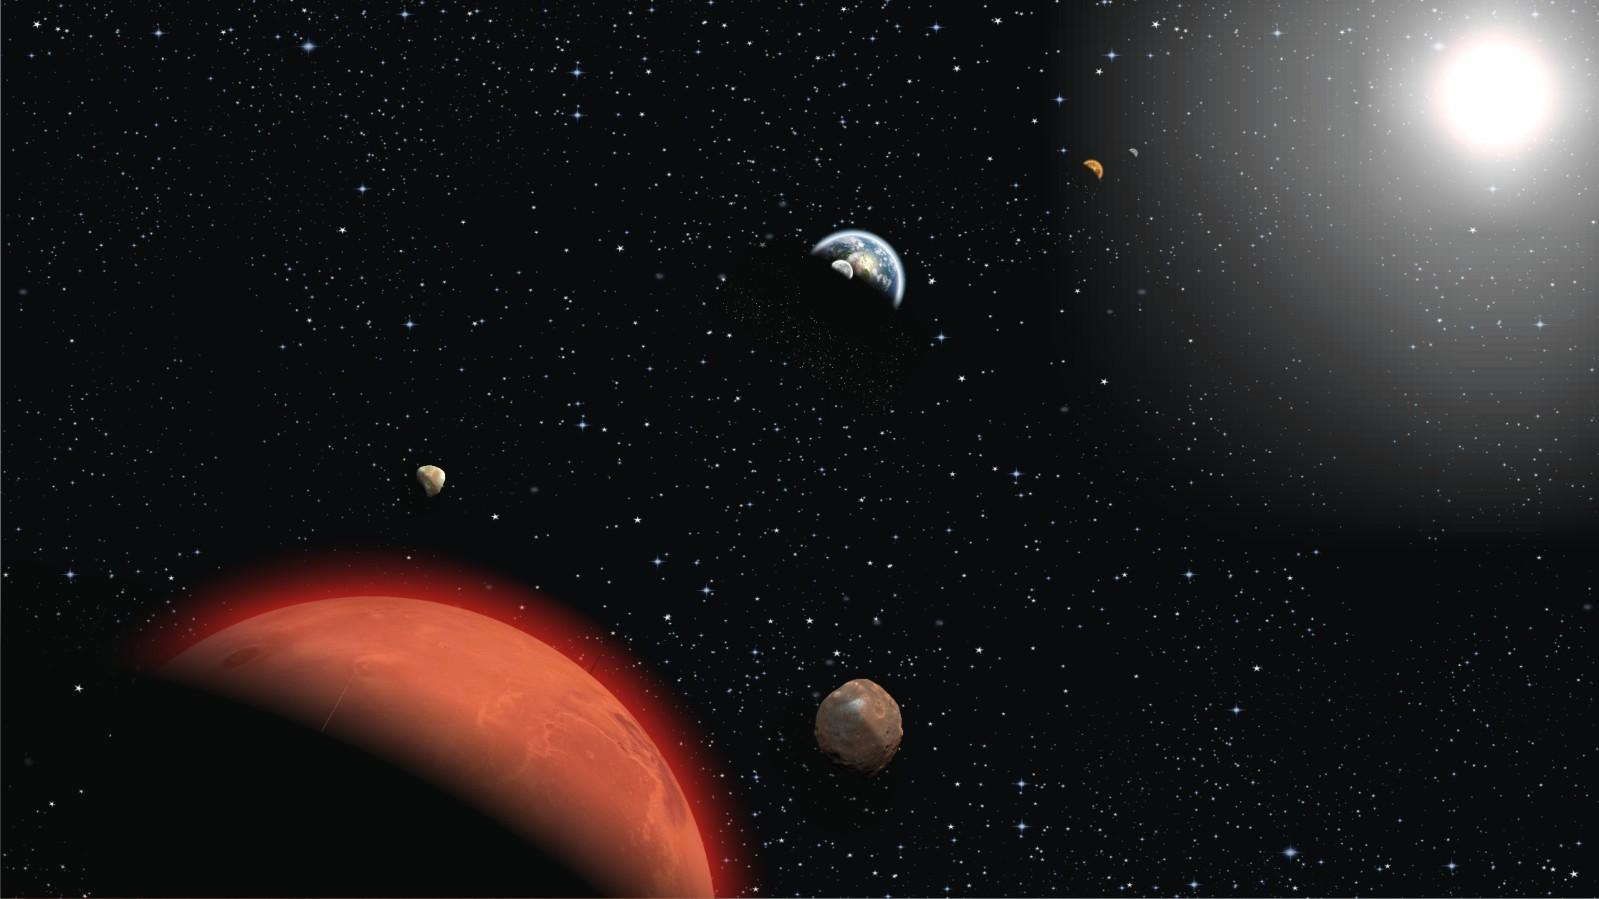 Design Gráfico pode ser classificado como astrofotografia? 35am8e8